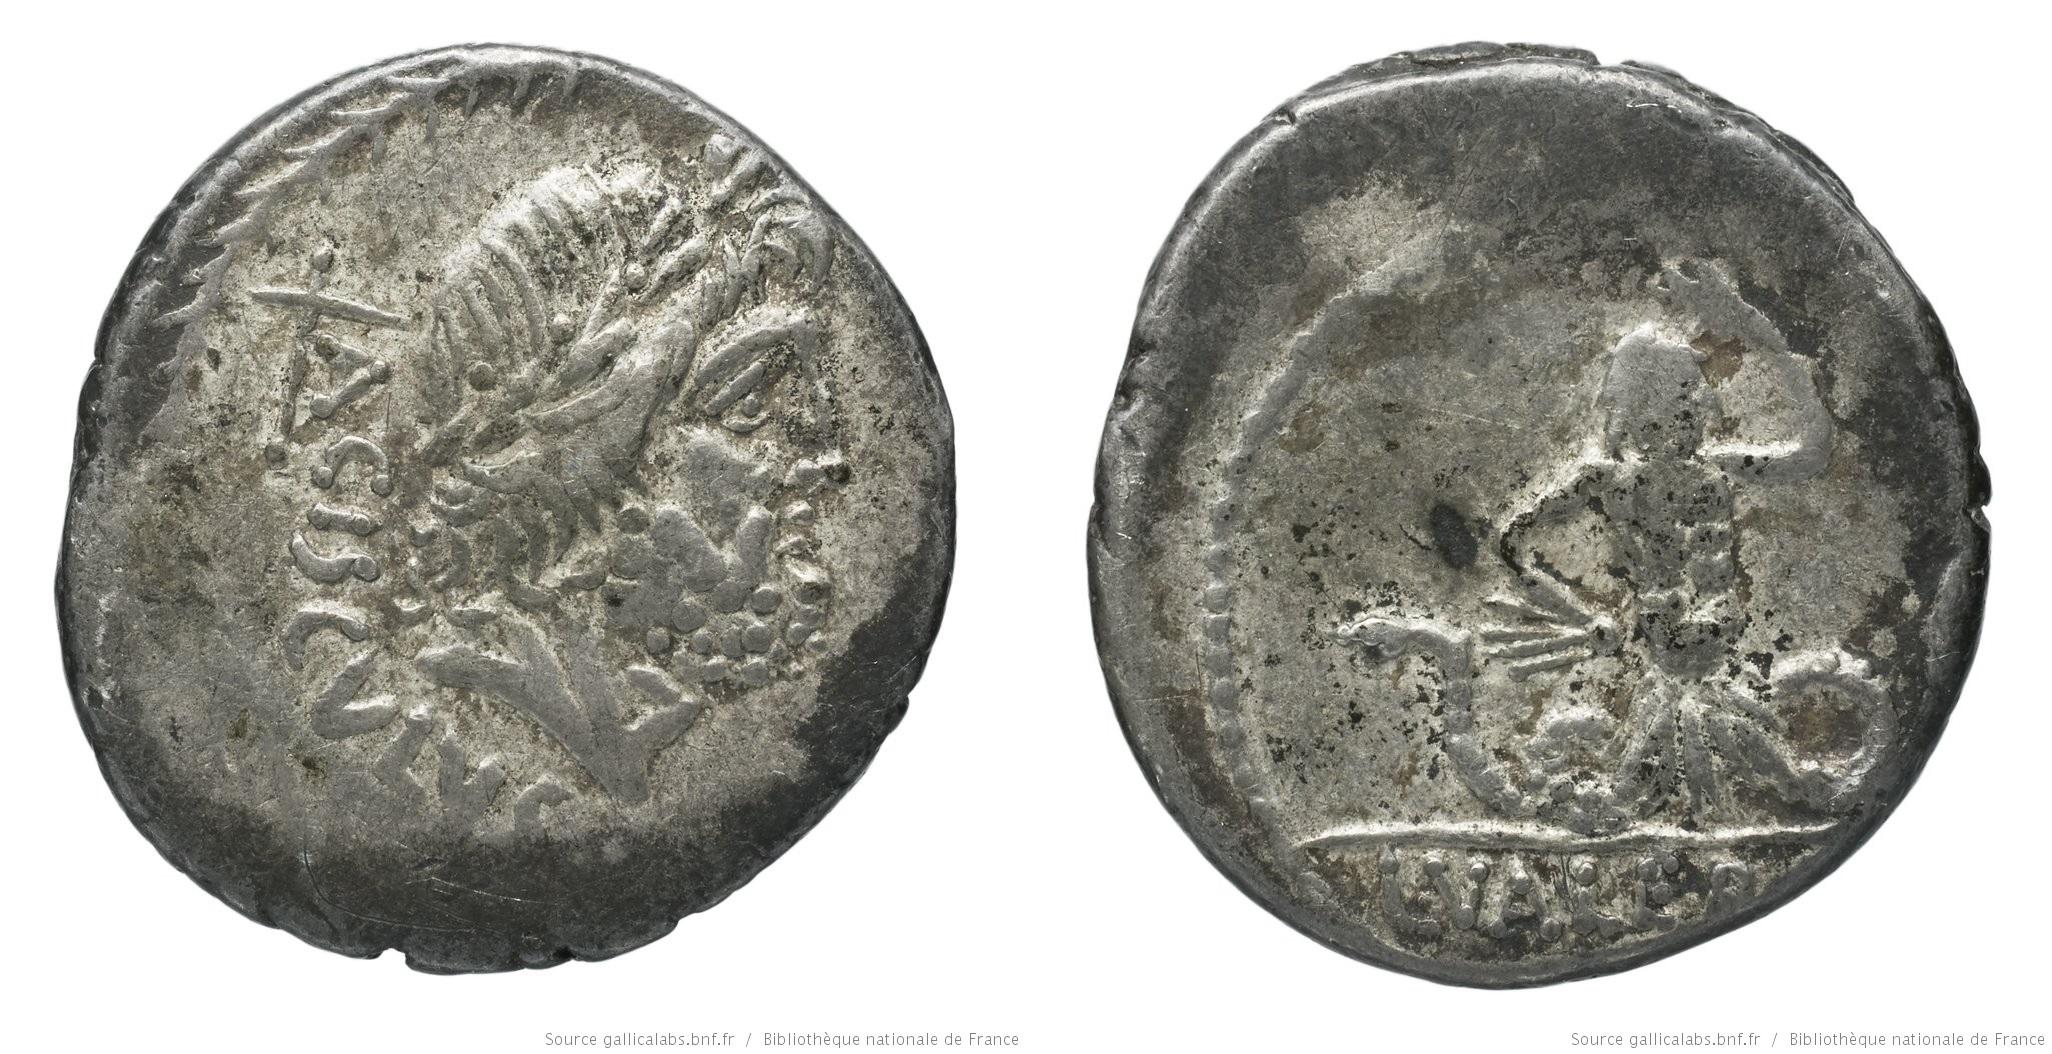 1511VA – Denier Valeria – Lucius Valerius Acisculus